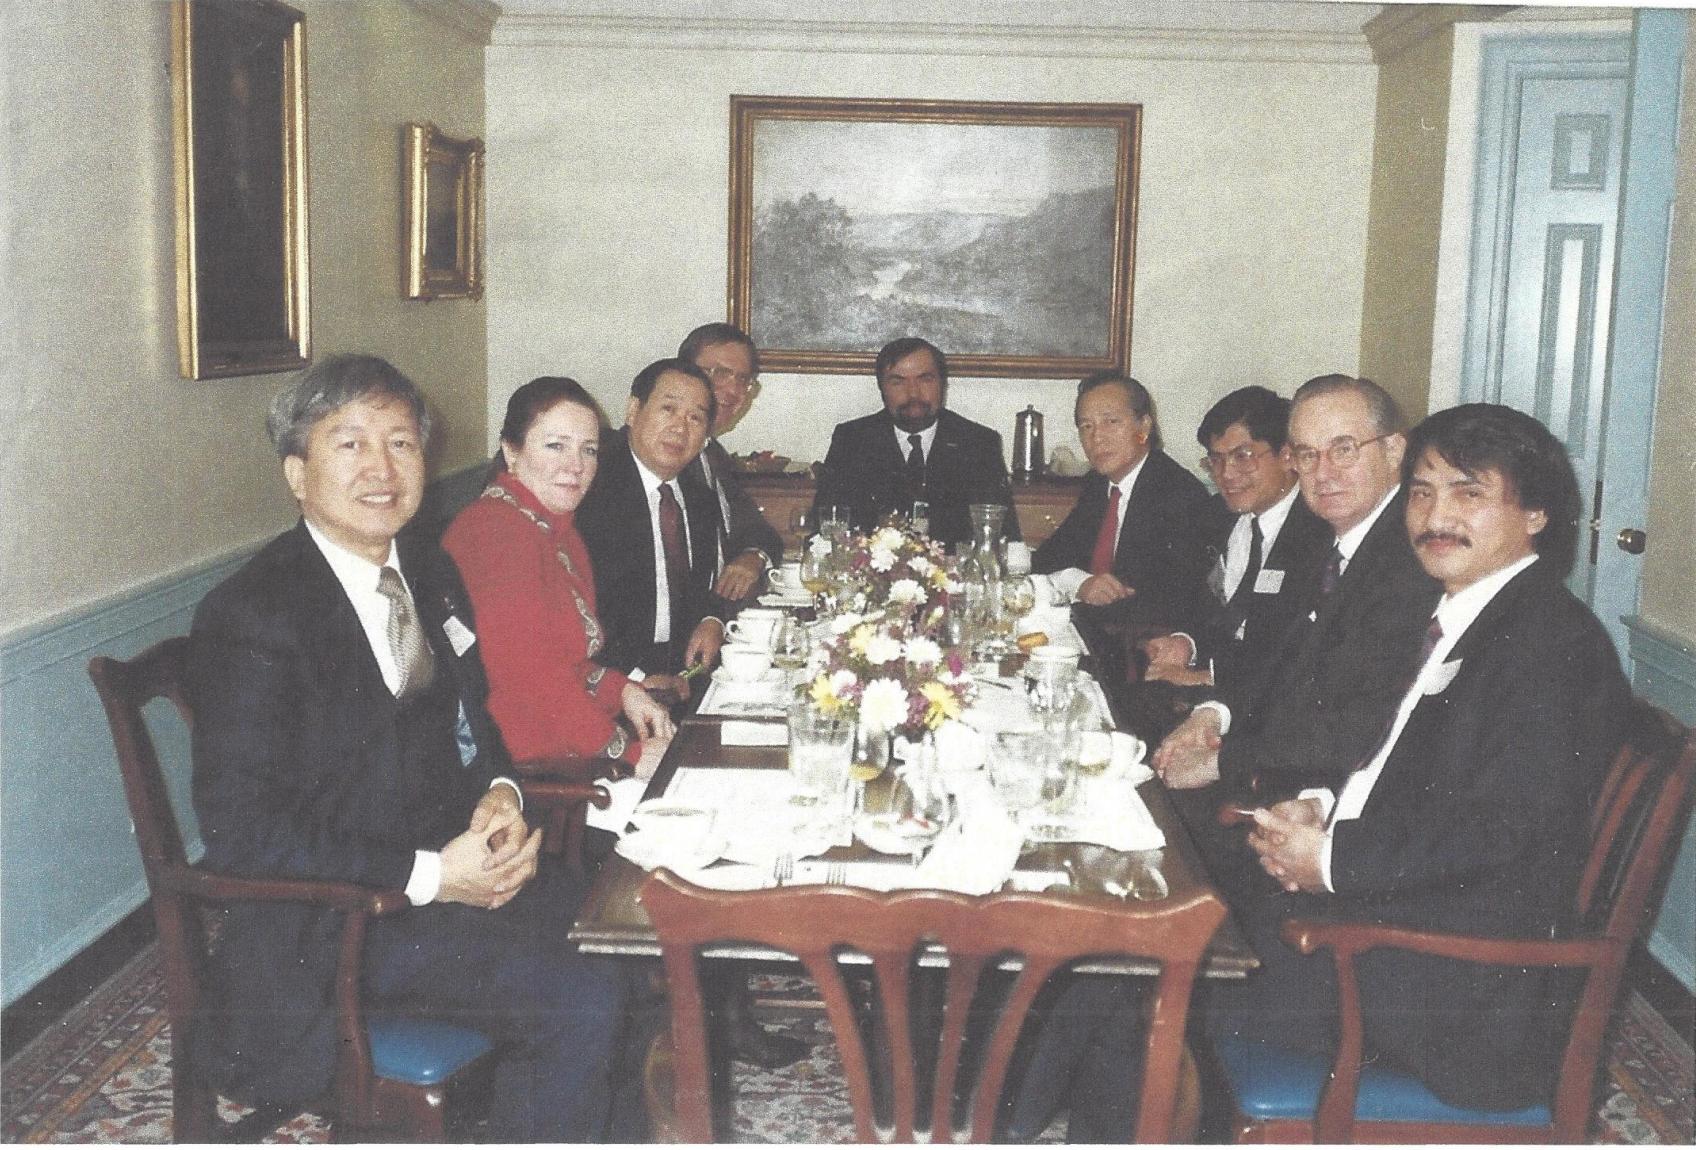 Ôn lại một số đặc điểm trong lịch sử tị nạn Việt Nam từ 1975 (Lê Xuân Khoa)